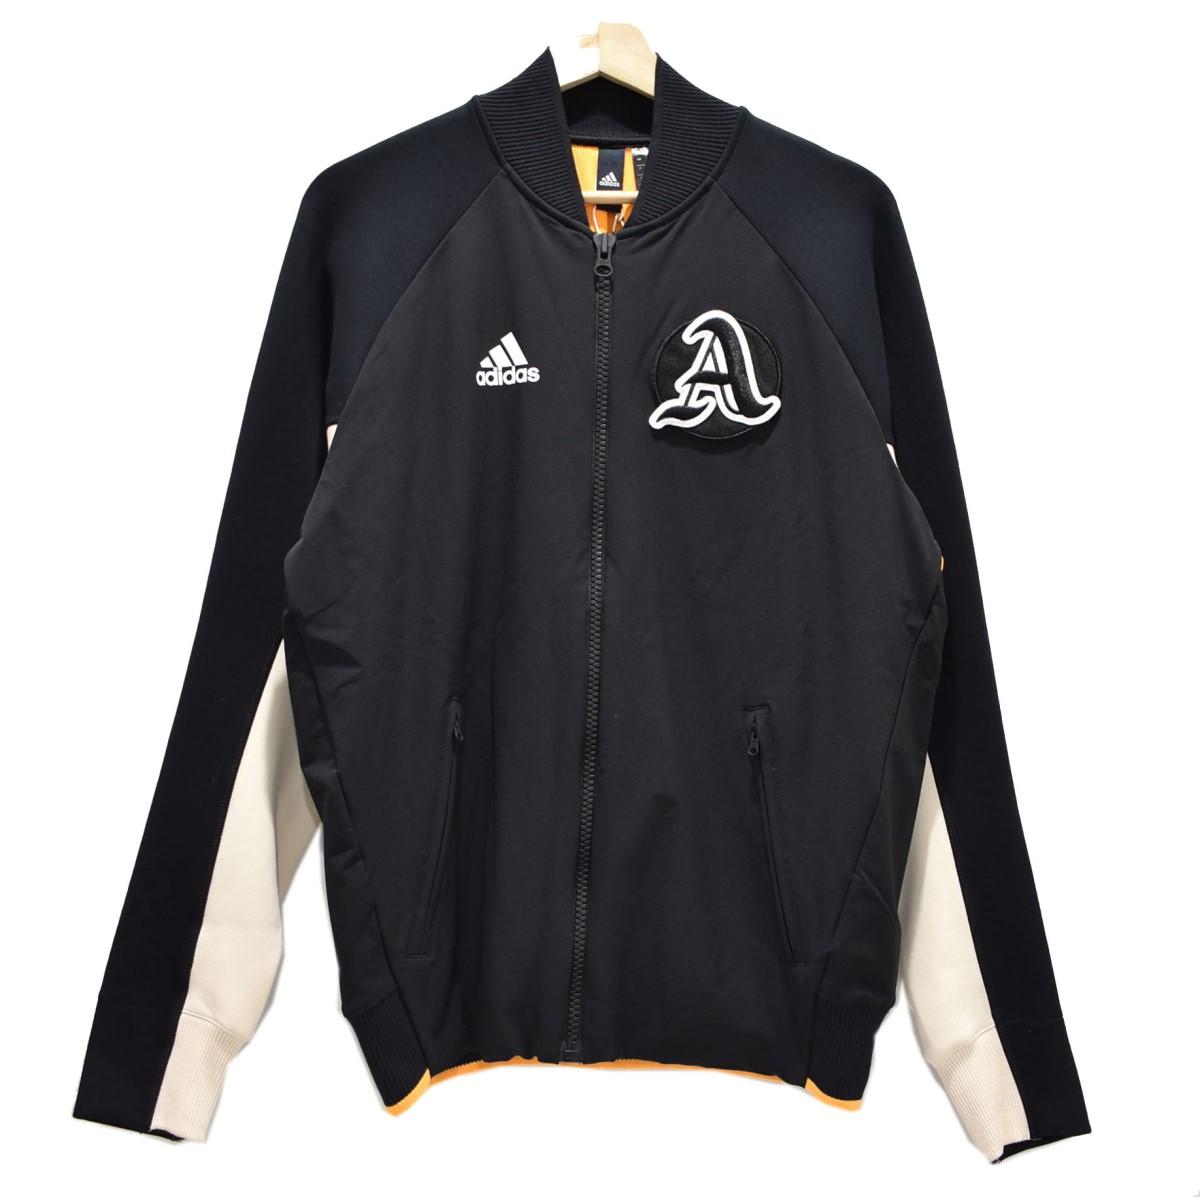 【中古】adidas トラックジャケット ブラック サイズ:0 【040520】(アディダス)